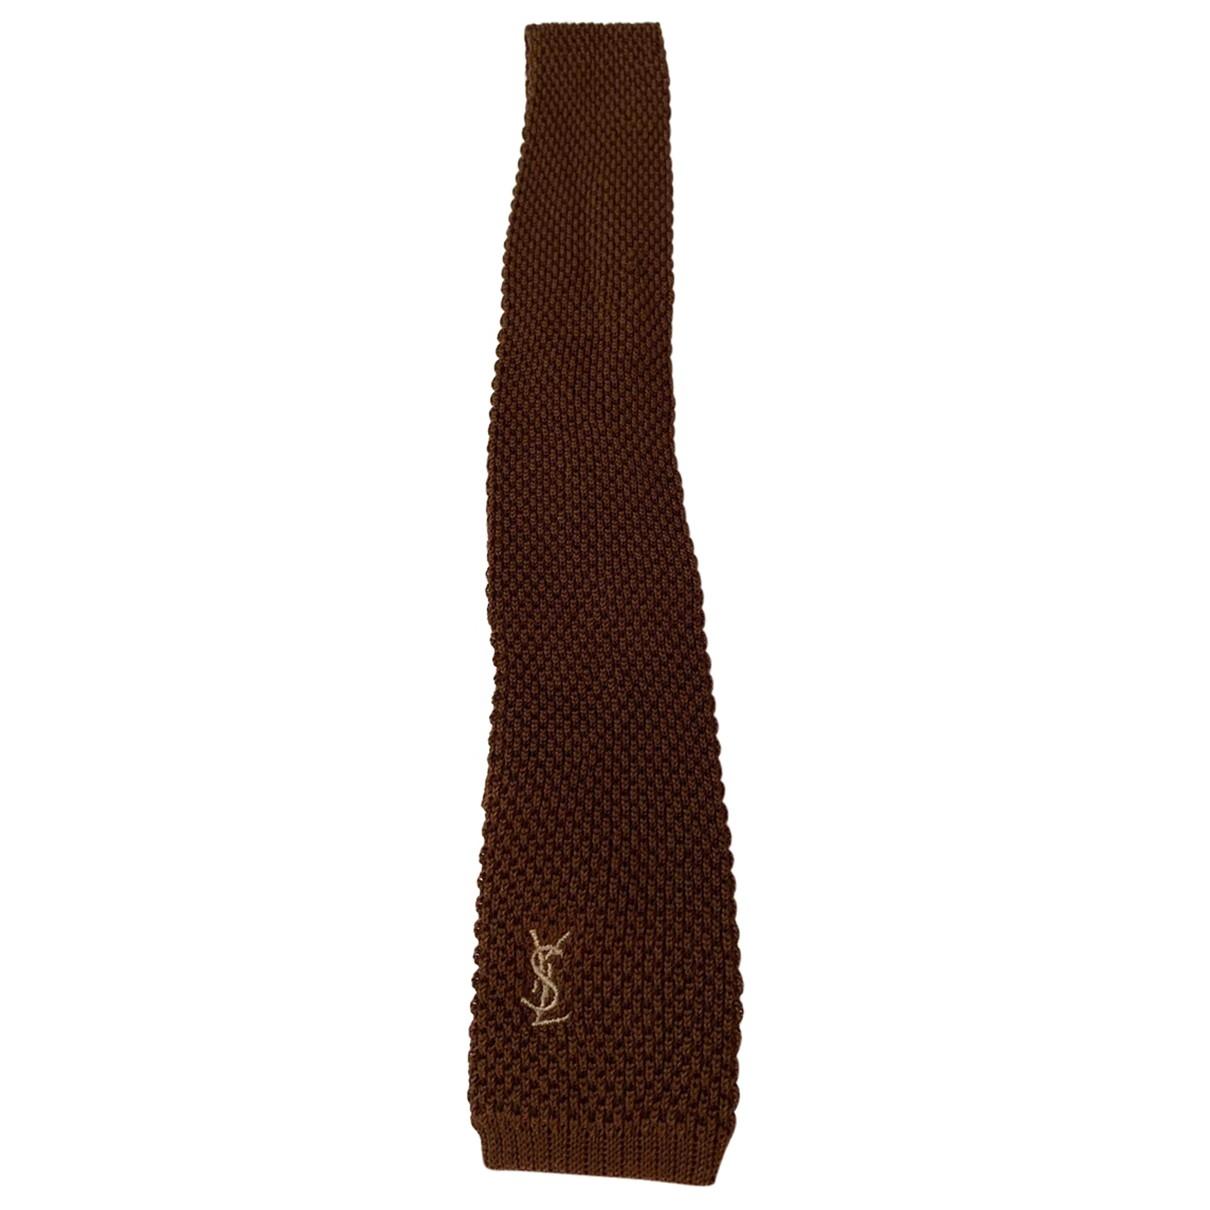 Yves Saint Laurent - Cravates   pour homme en coton - marron